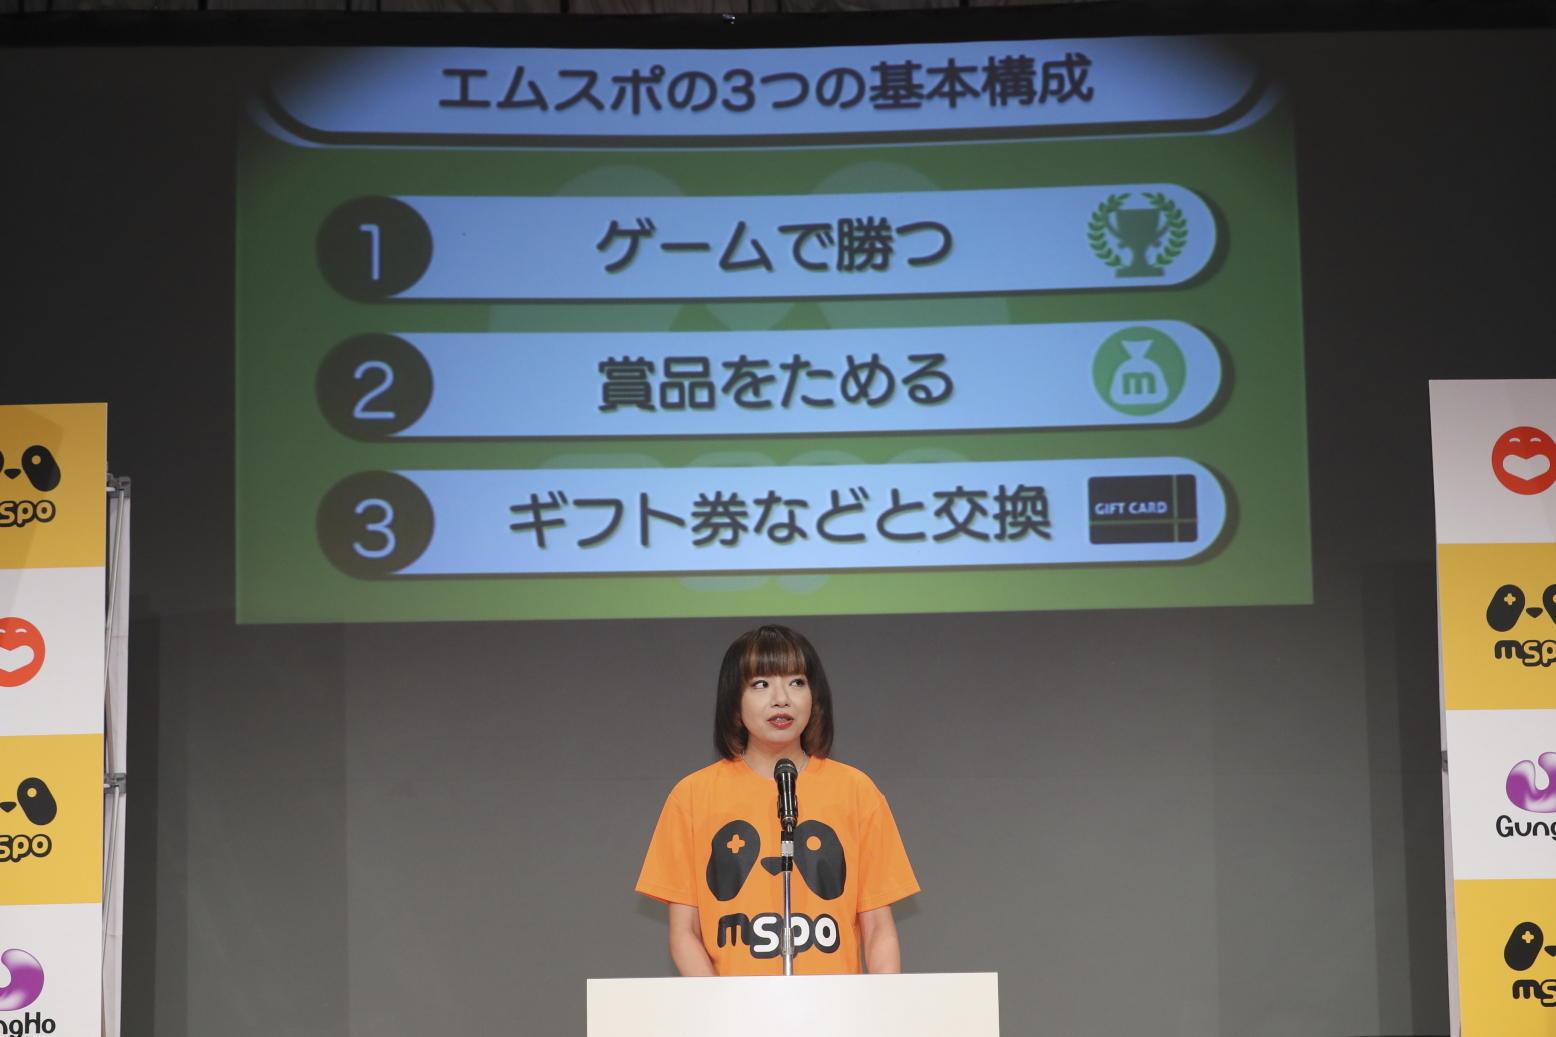 http://news.yoshimoto.co.jp/20180928162704-0e796195b901452472bb3bcad3b00a0b742f01cc.jpg